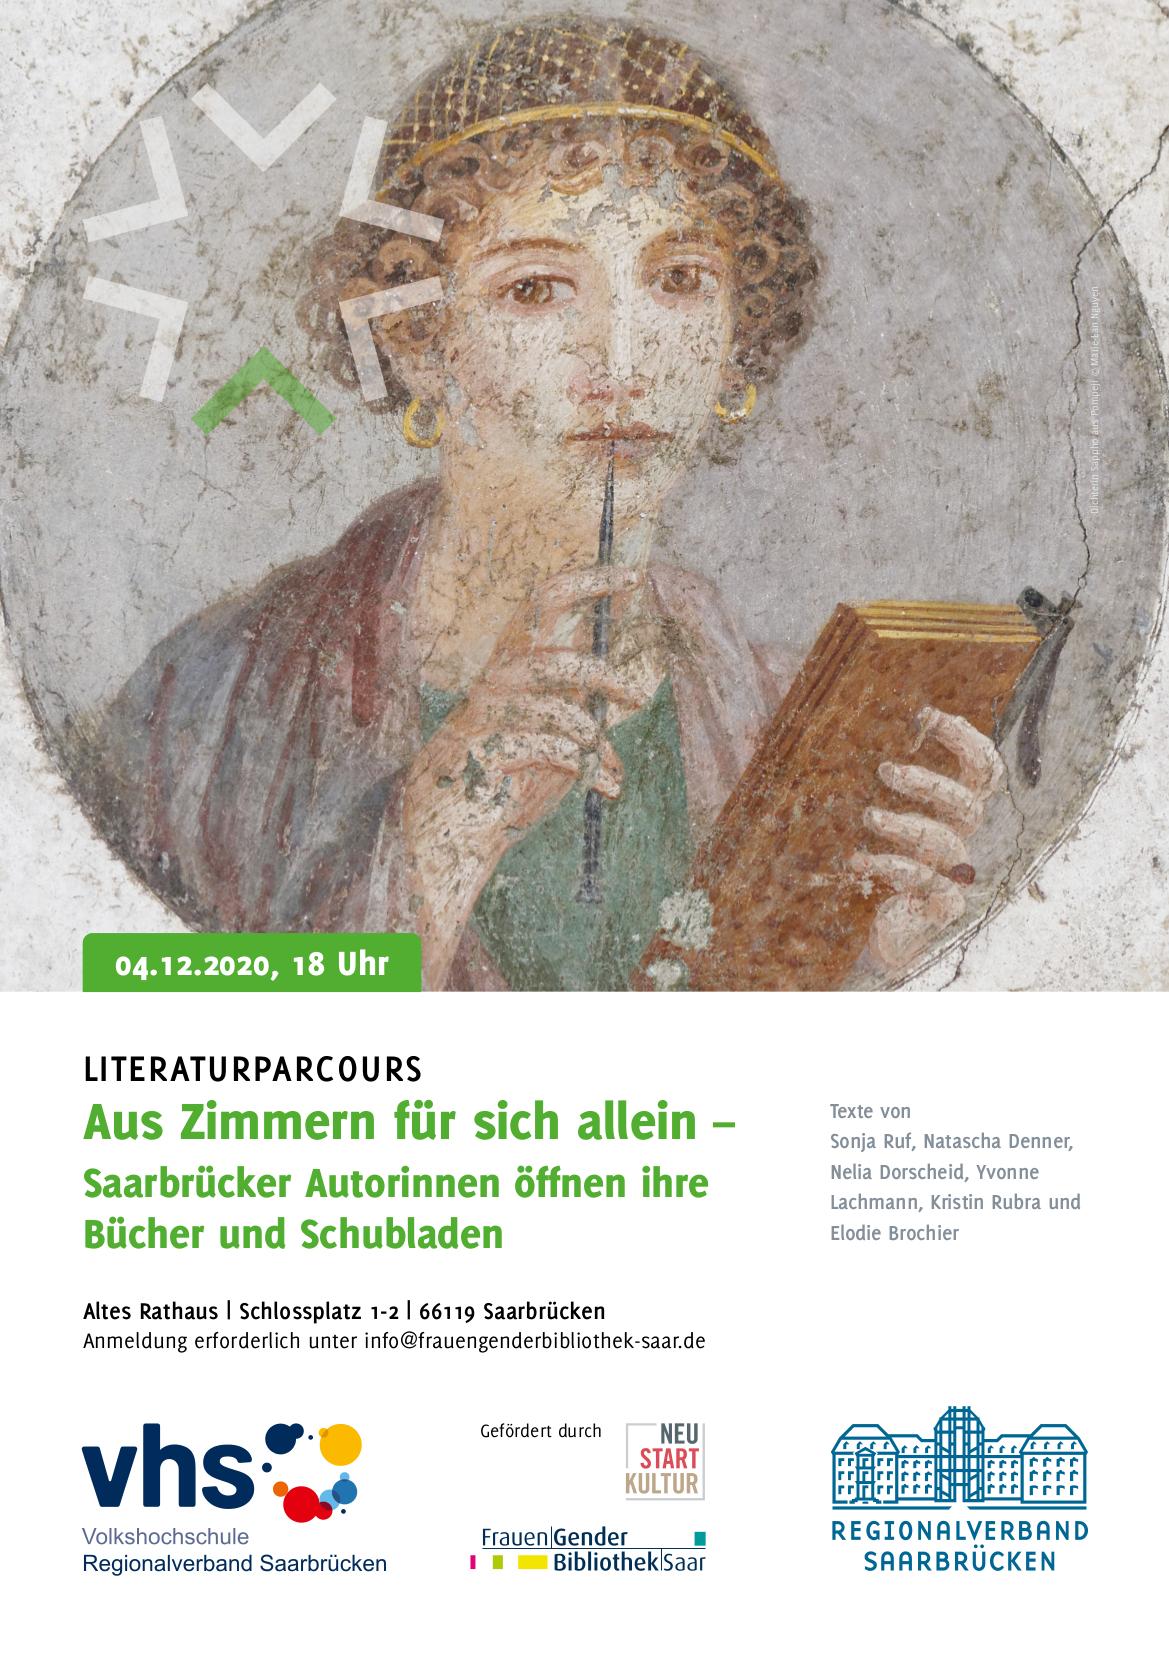 Literaturparcours mit Saarbrücker Autorinnen auf April 2021 verschoben